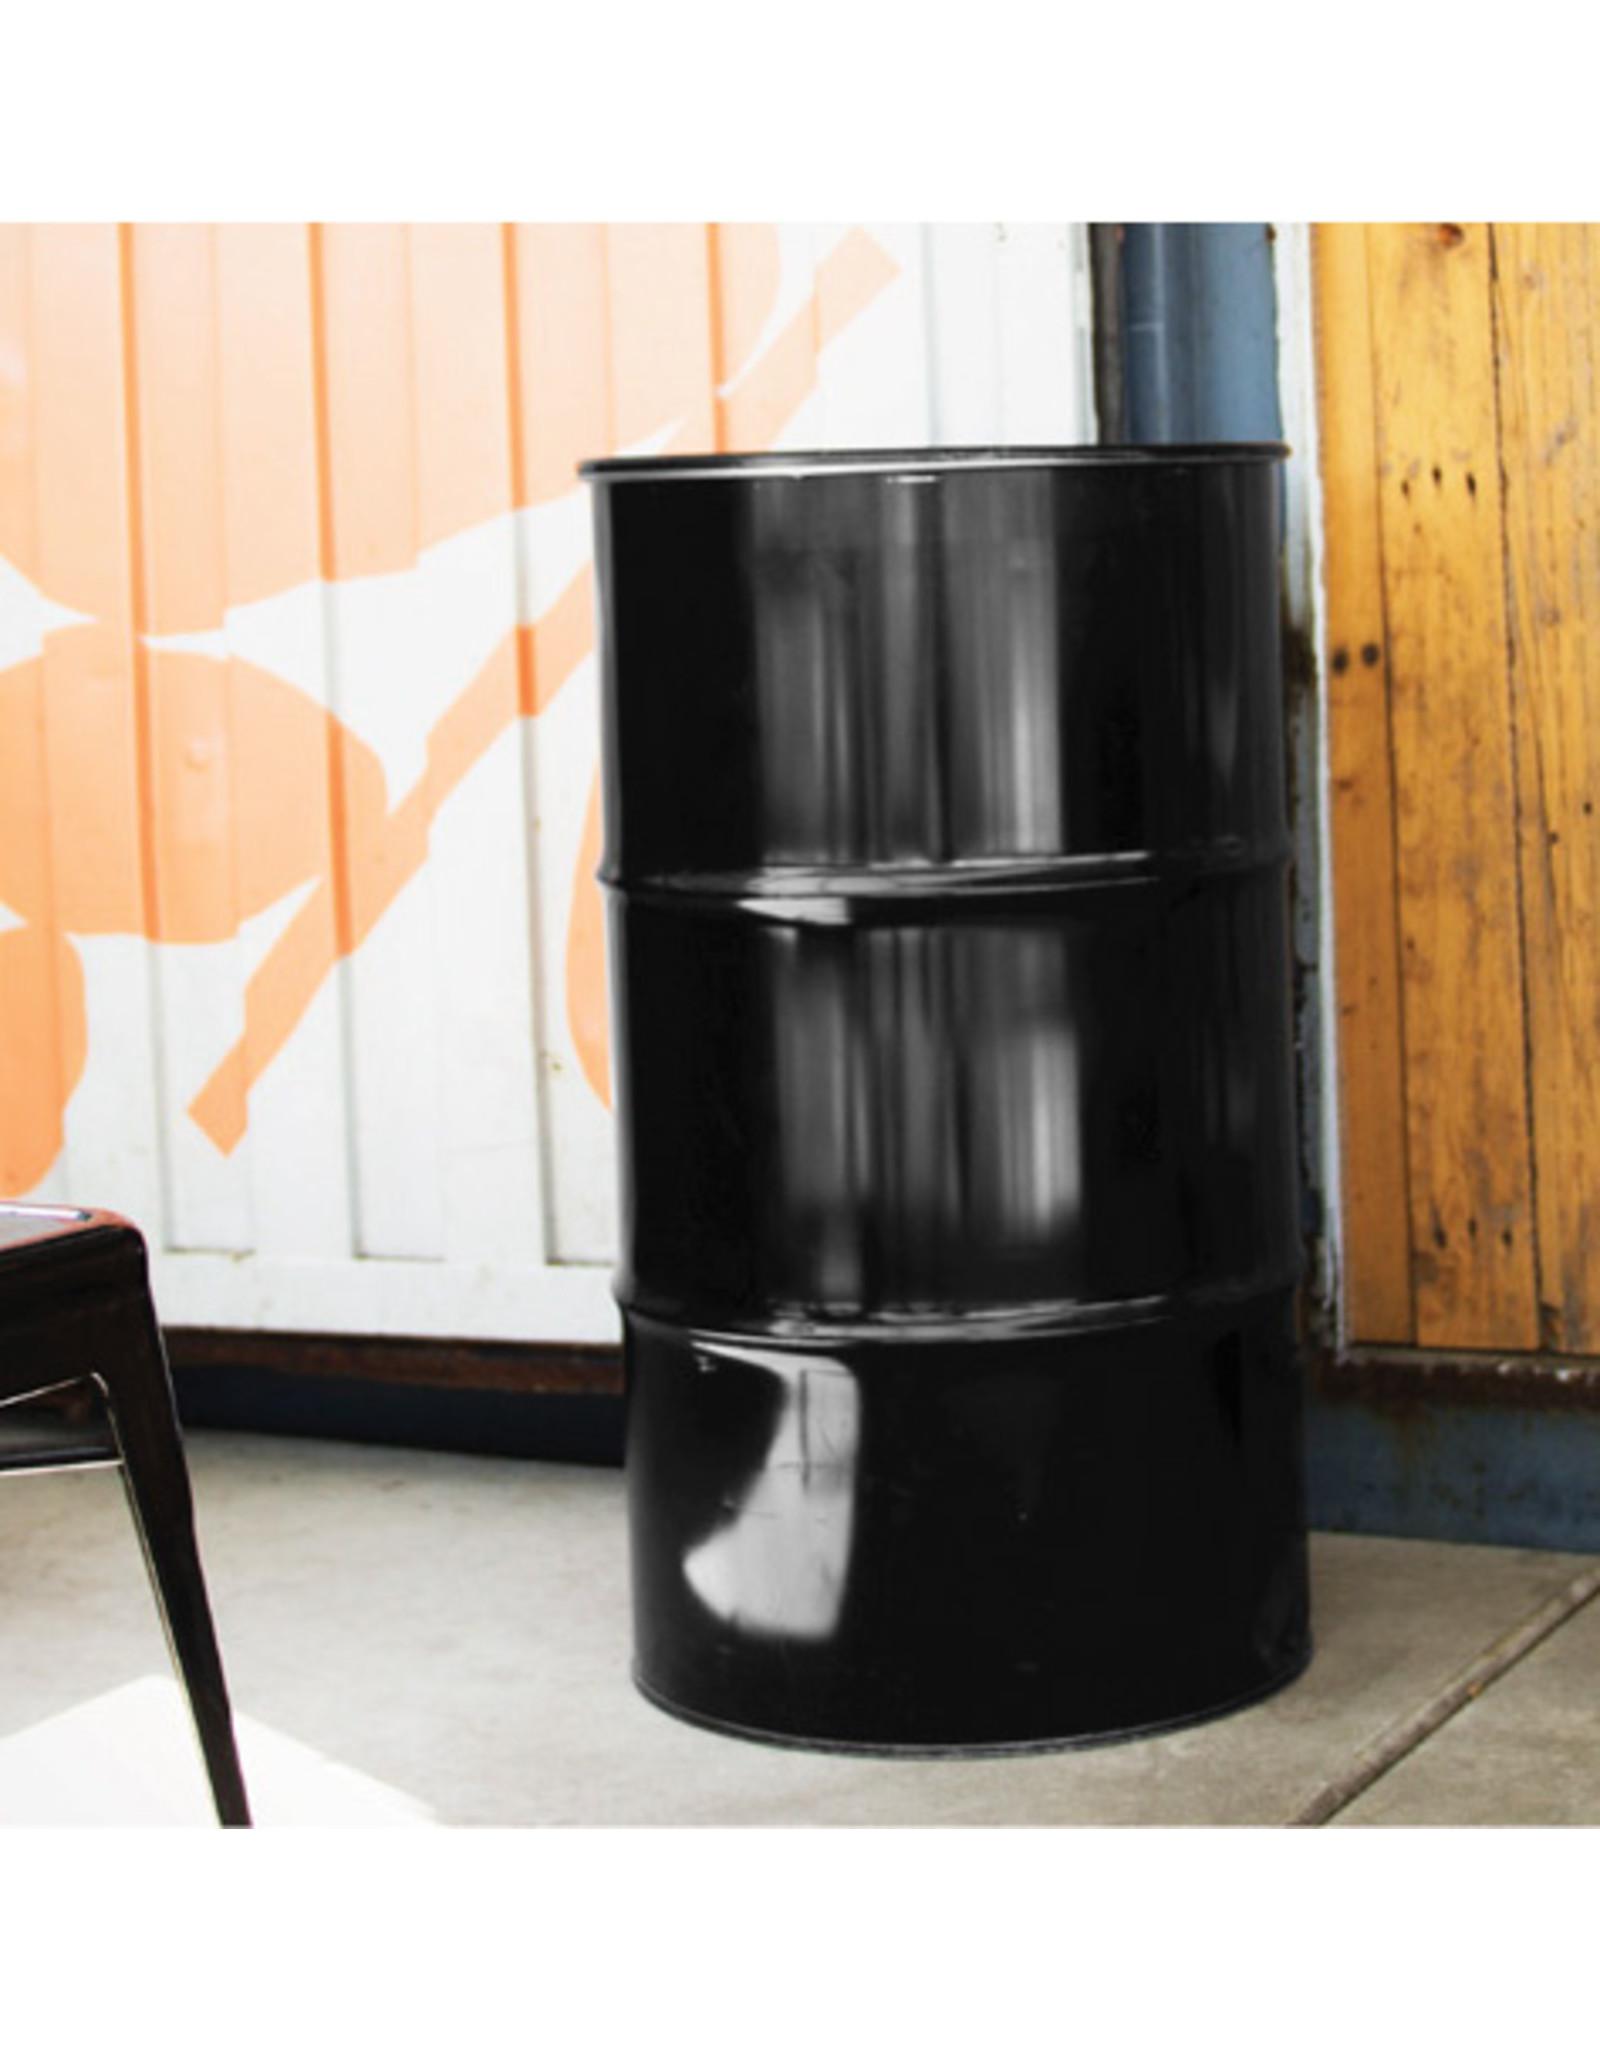 BinBin BinBin Hole 120 Liter Mülleimer mit 20 cm lochdeckel